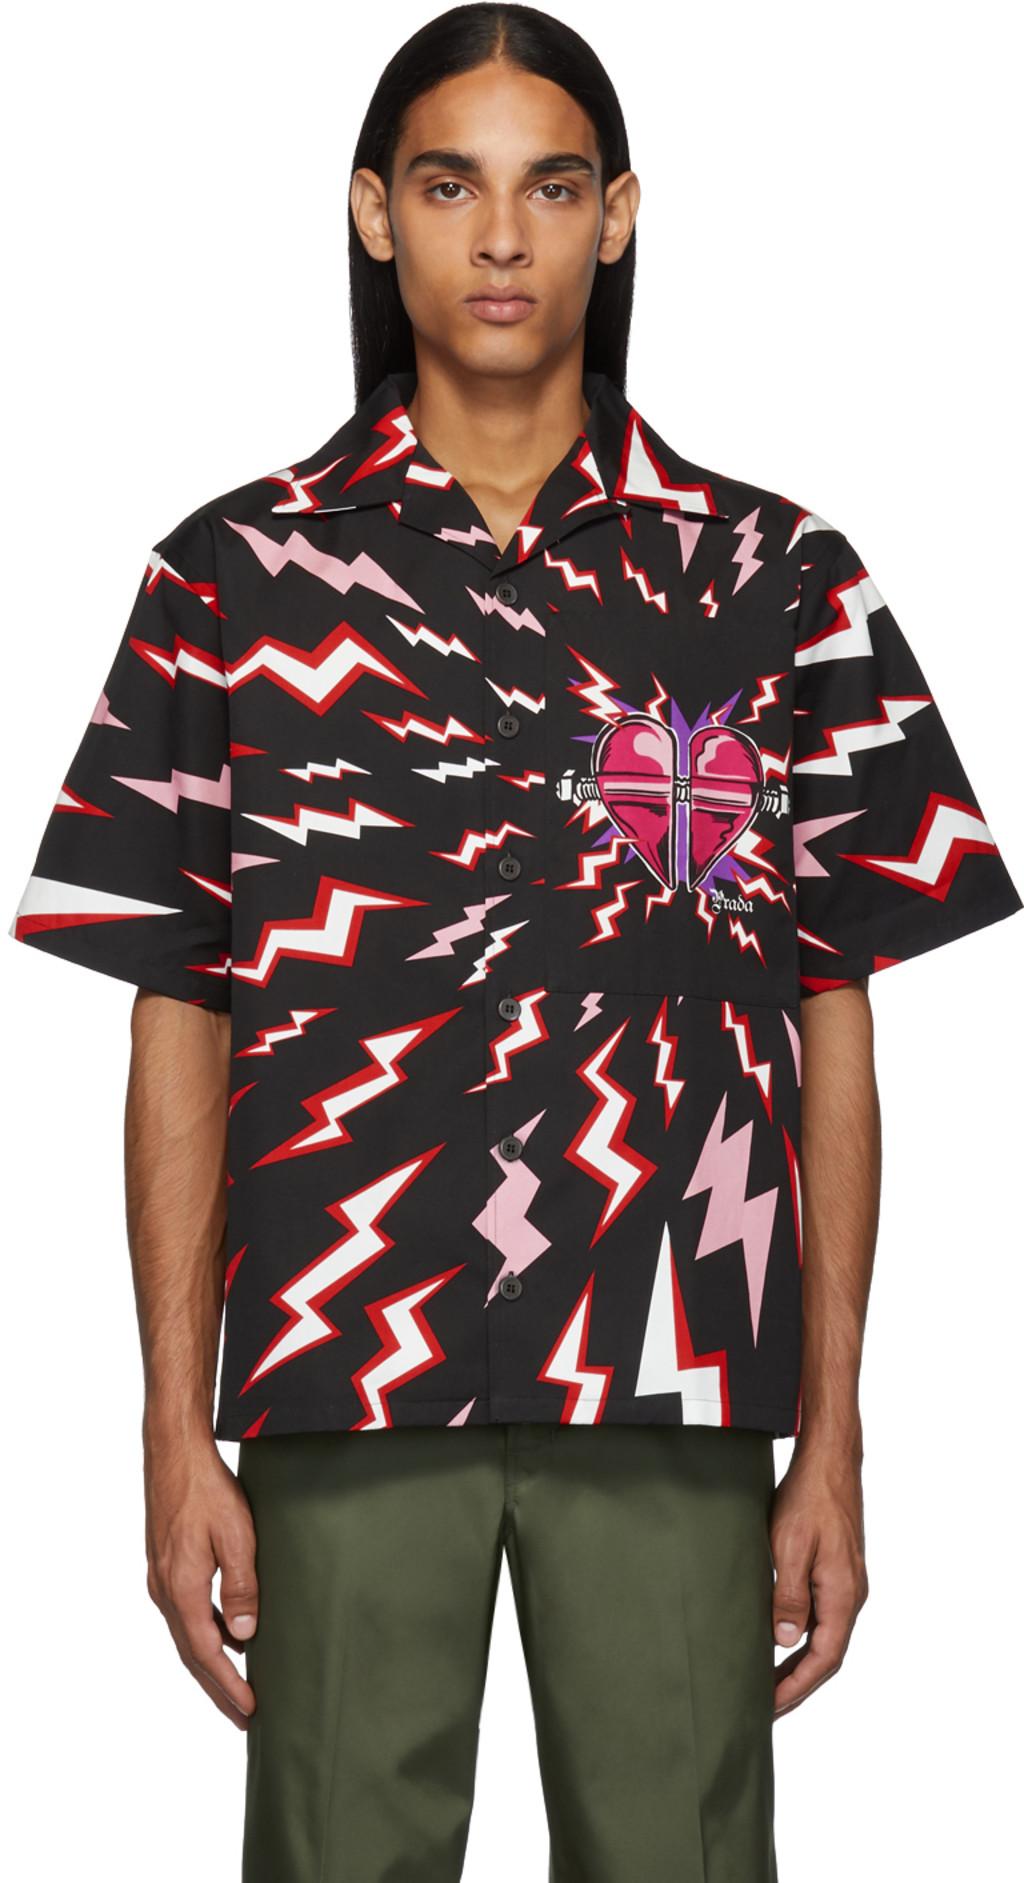 0b76a46842 Black & Red Thunder Print Shirt